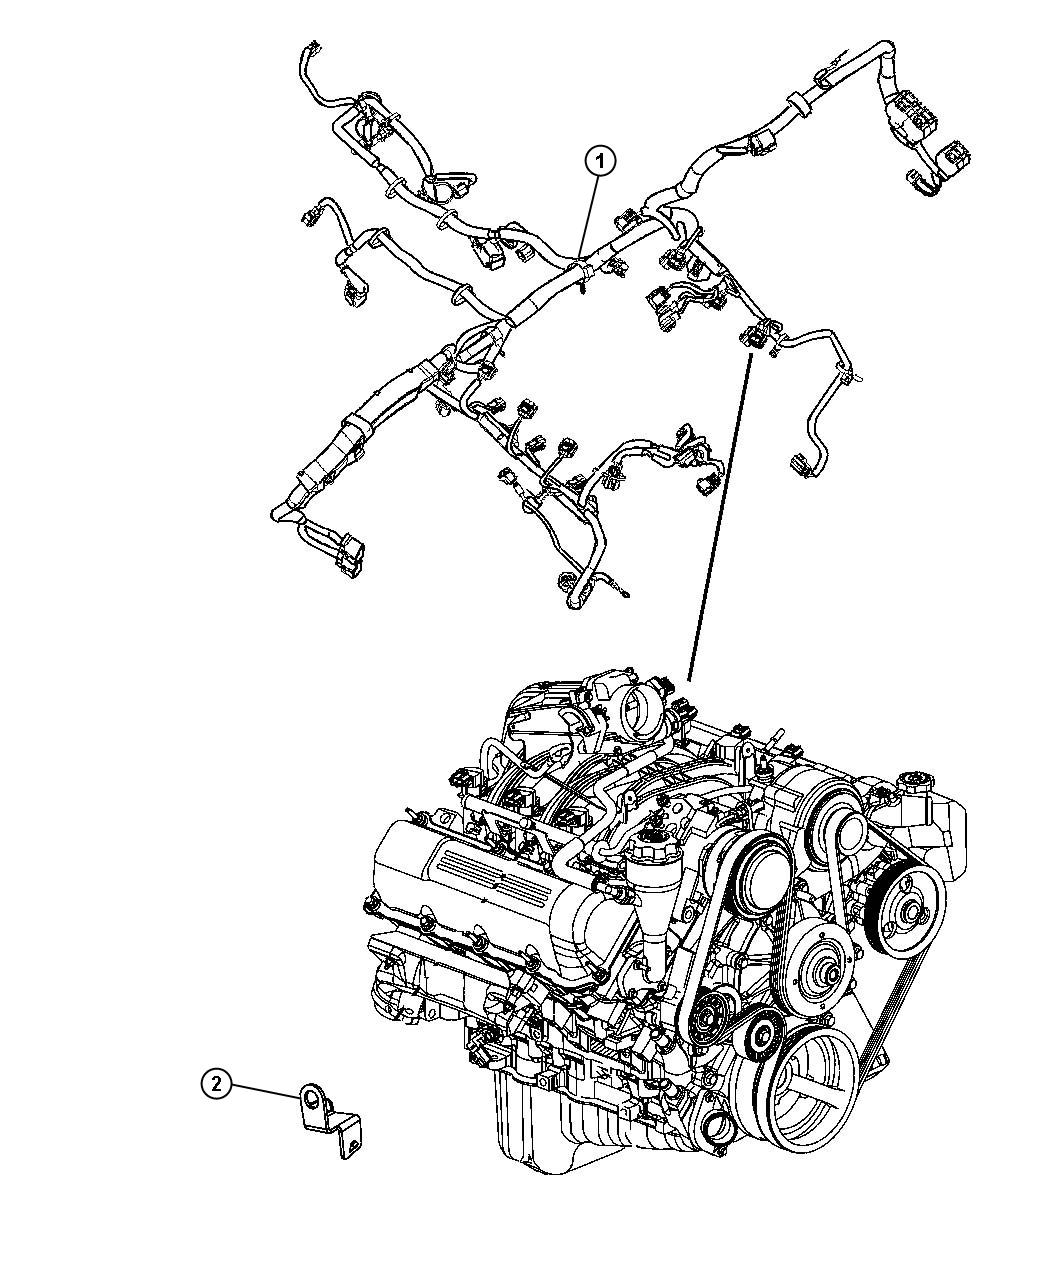 Jeep Liberty Bracket. Wiring. I/p to body inline bracket